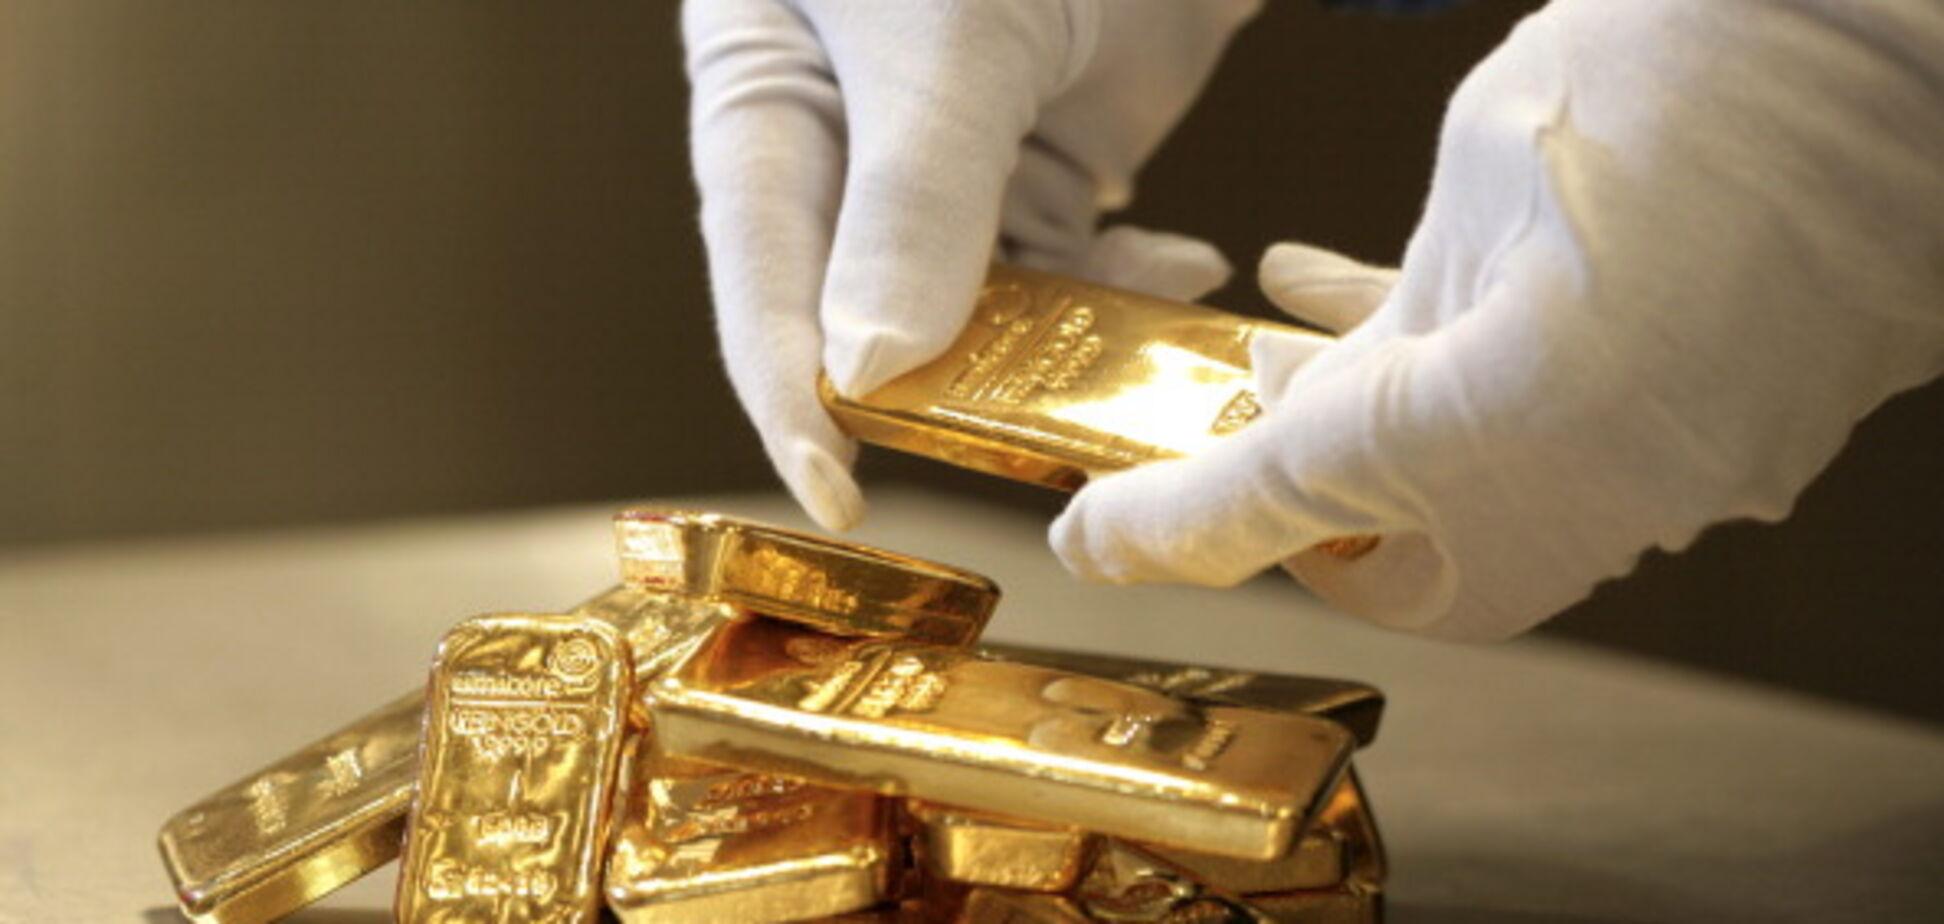 Півтонни золота подільника Януковича: прокуратура Швейцарії зробила важливу заяву